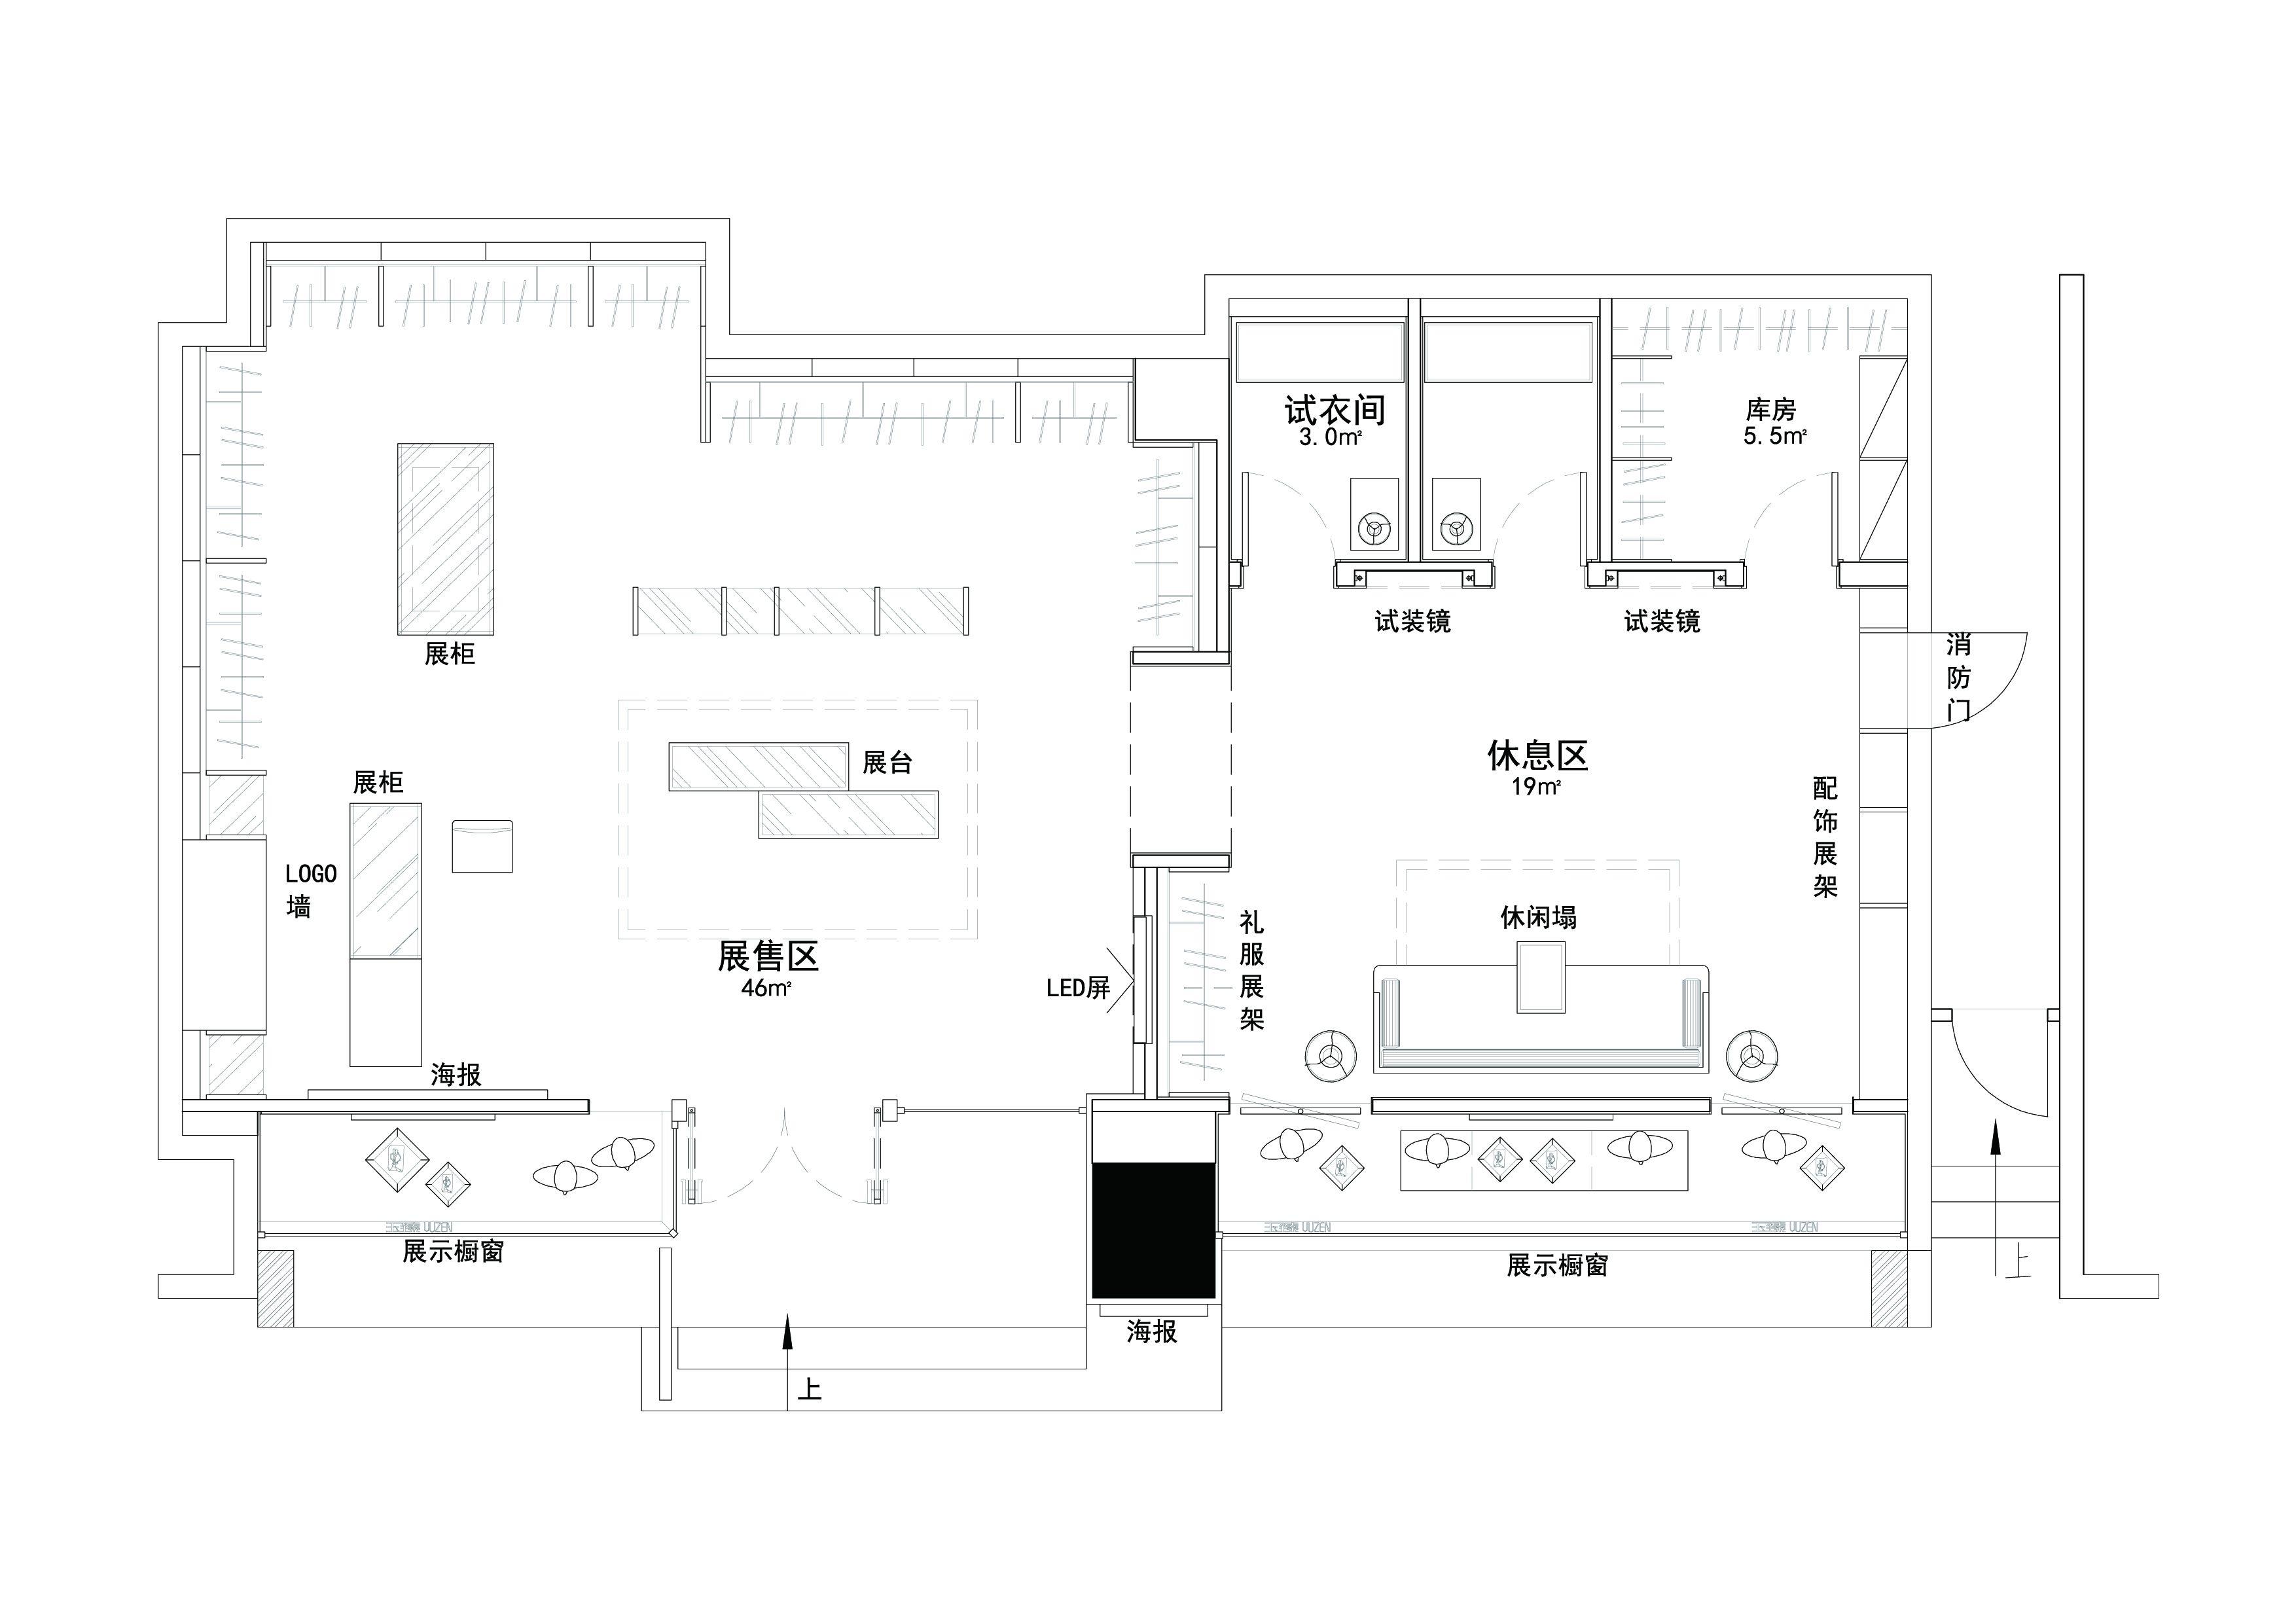 玉臻国际精品服装店 - 展示空间 - 第4页 - 郭明设计